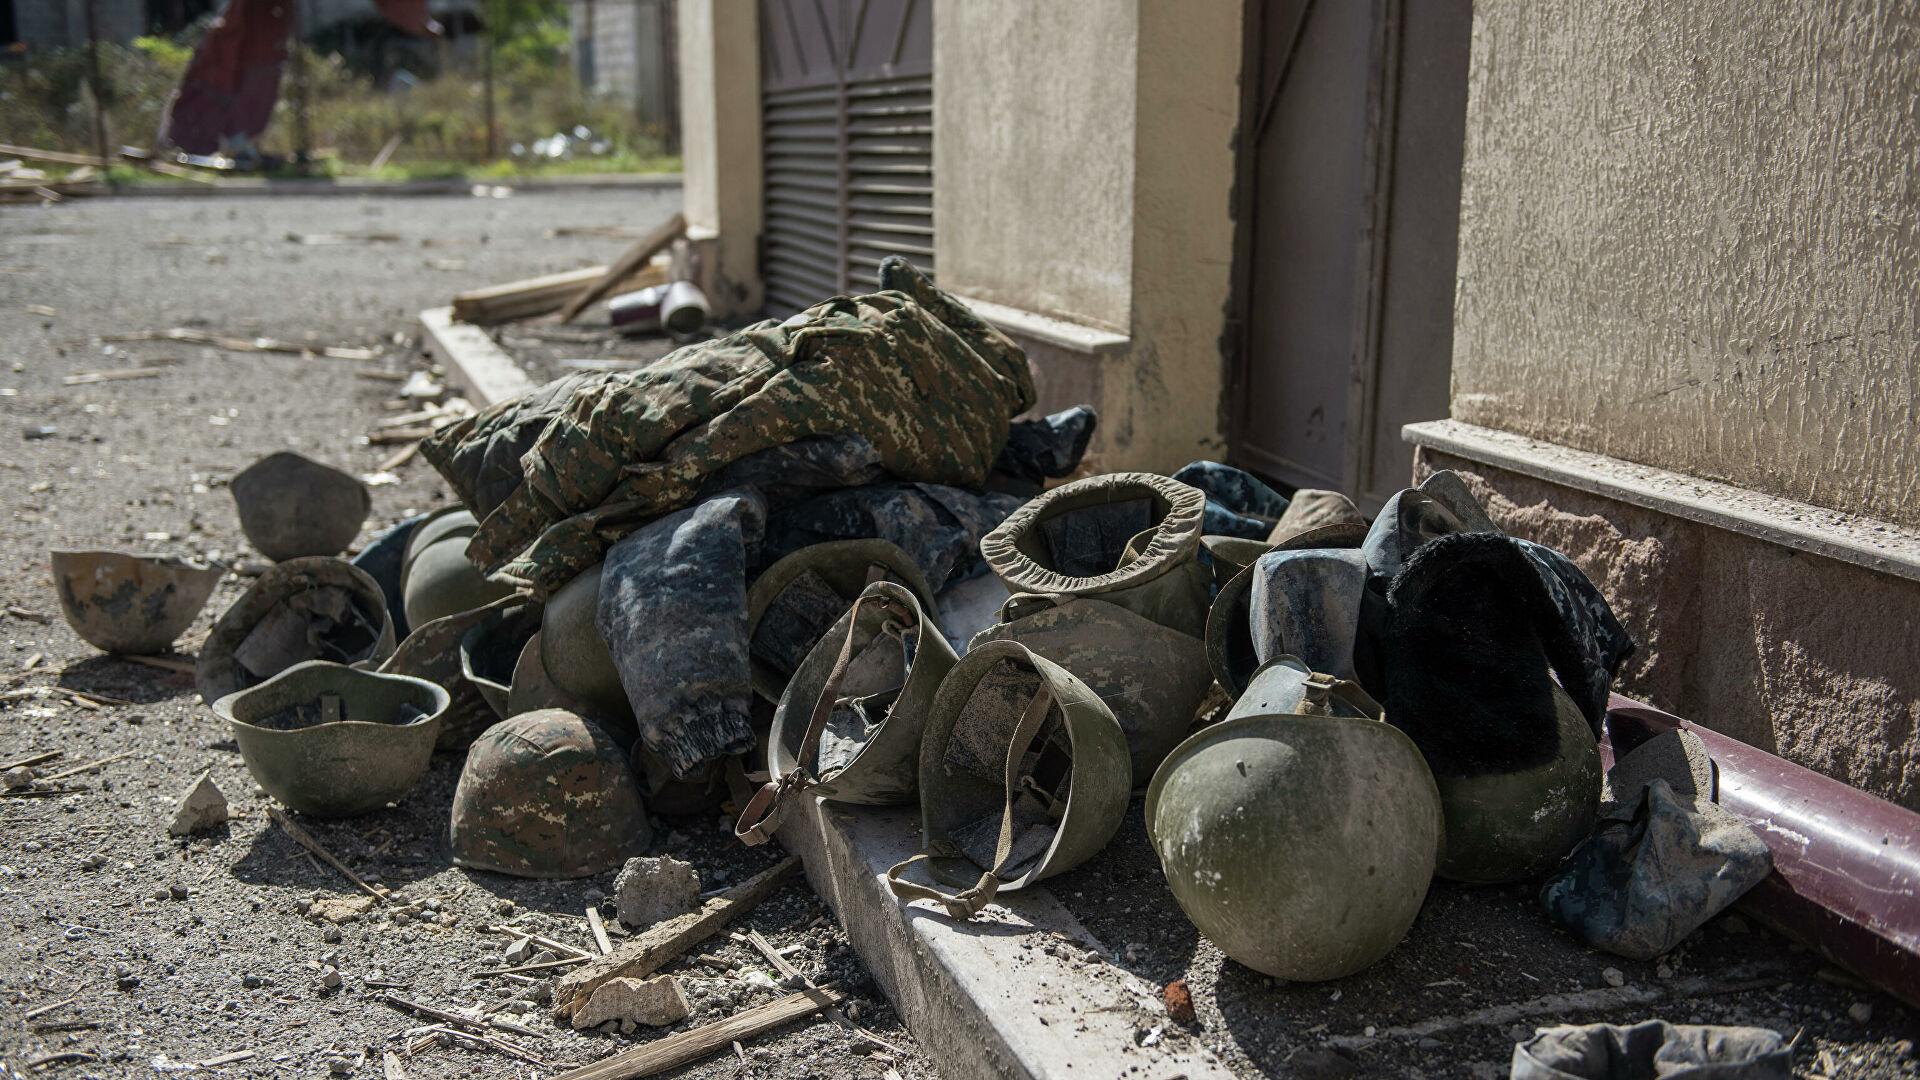 Alijev: Grad Šuša u Nagorno-Karabahu prešao pod kontrolu Azerbejdžana